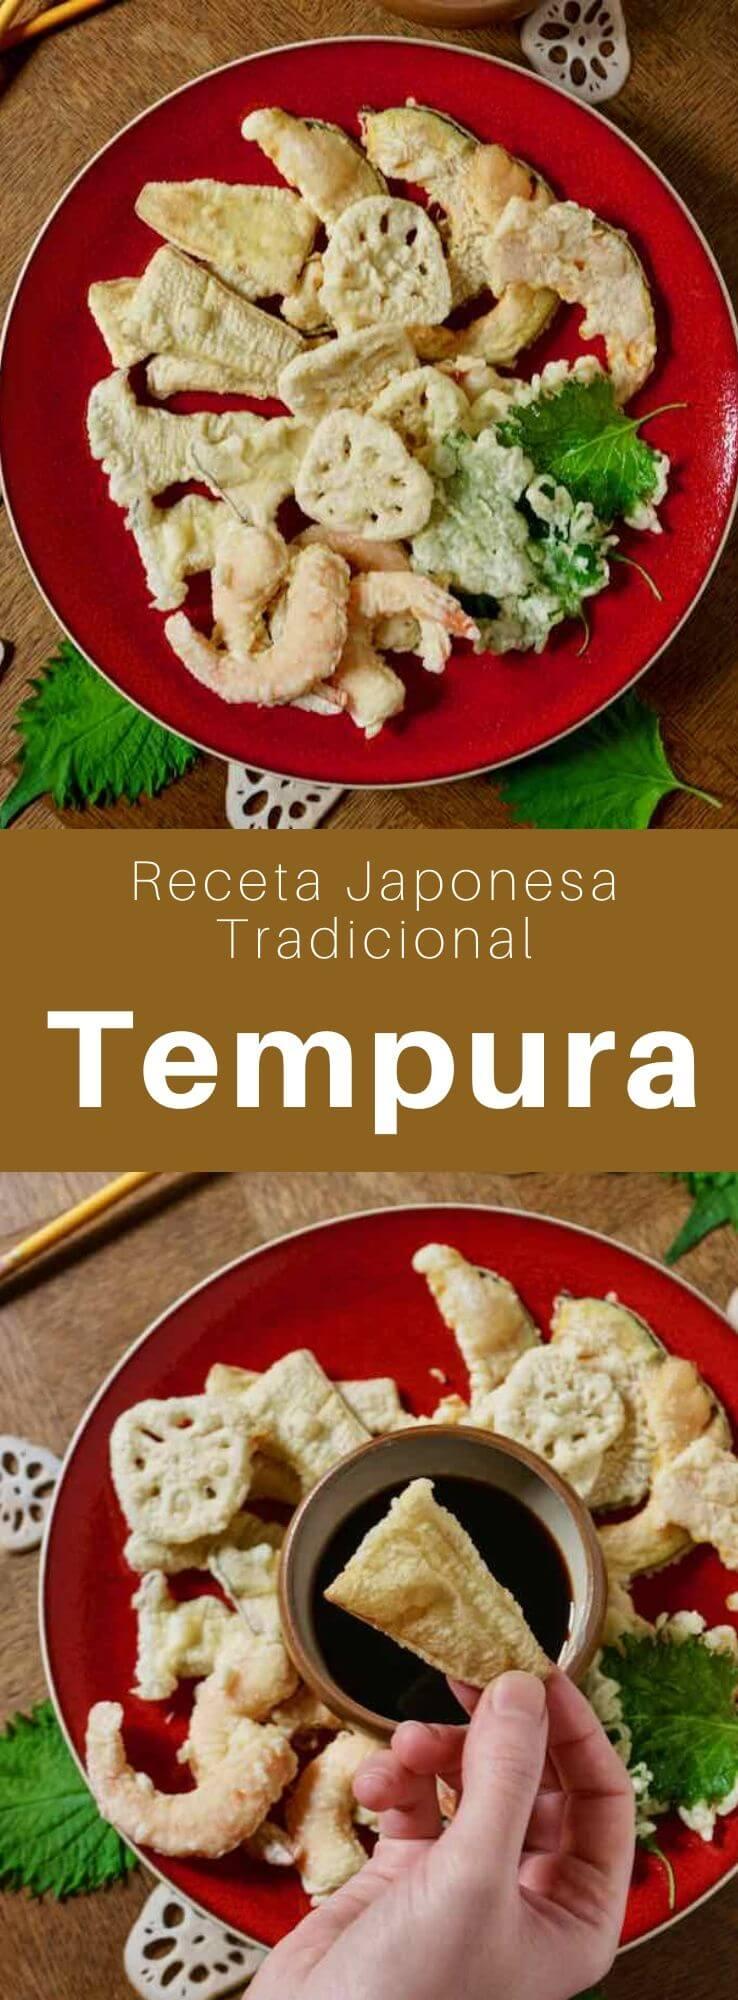 La tempura (天ぷら) es un surtido de buñuelos de camarones y verduras deliciosamente crujientes, que son muy populares en Japón.